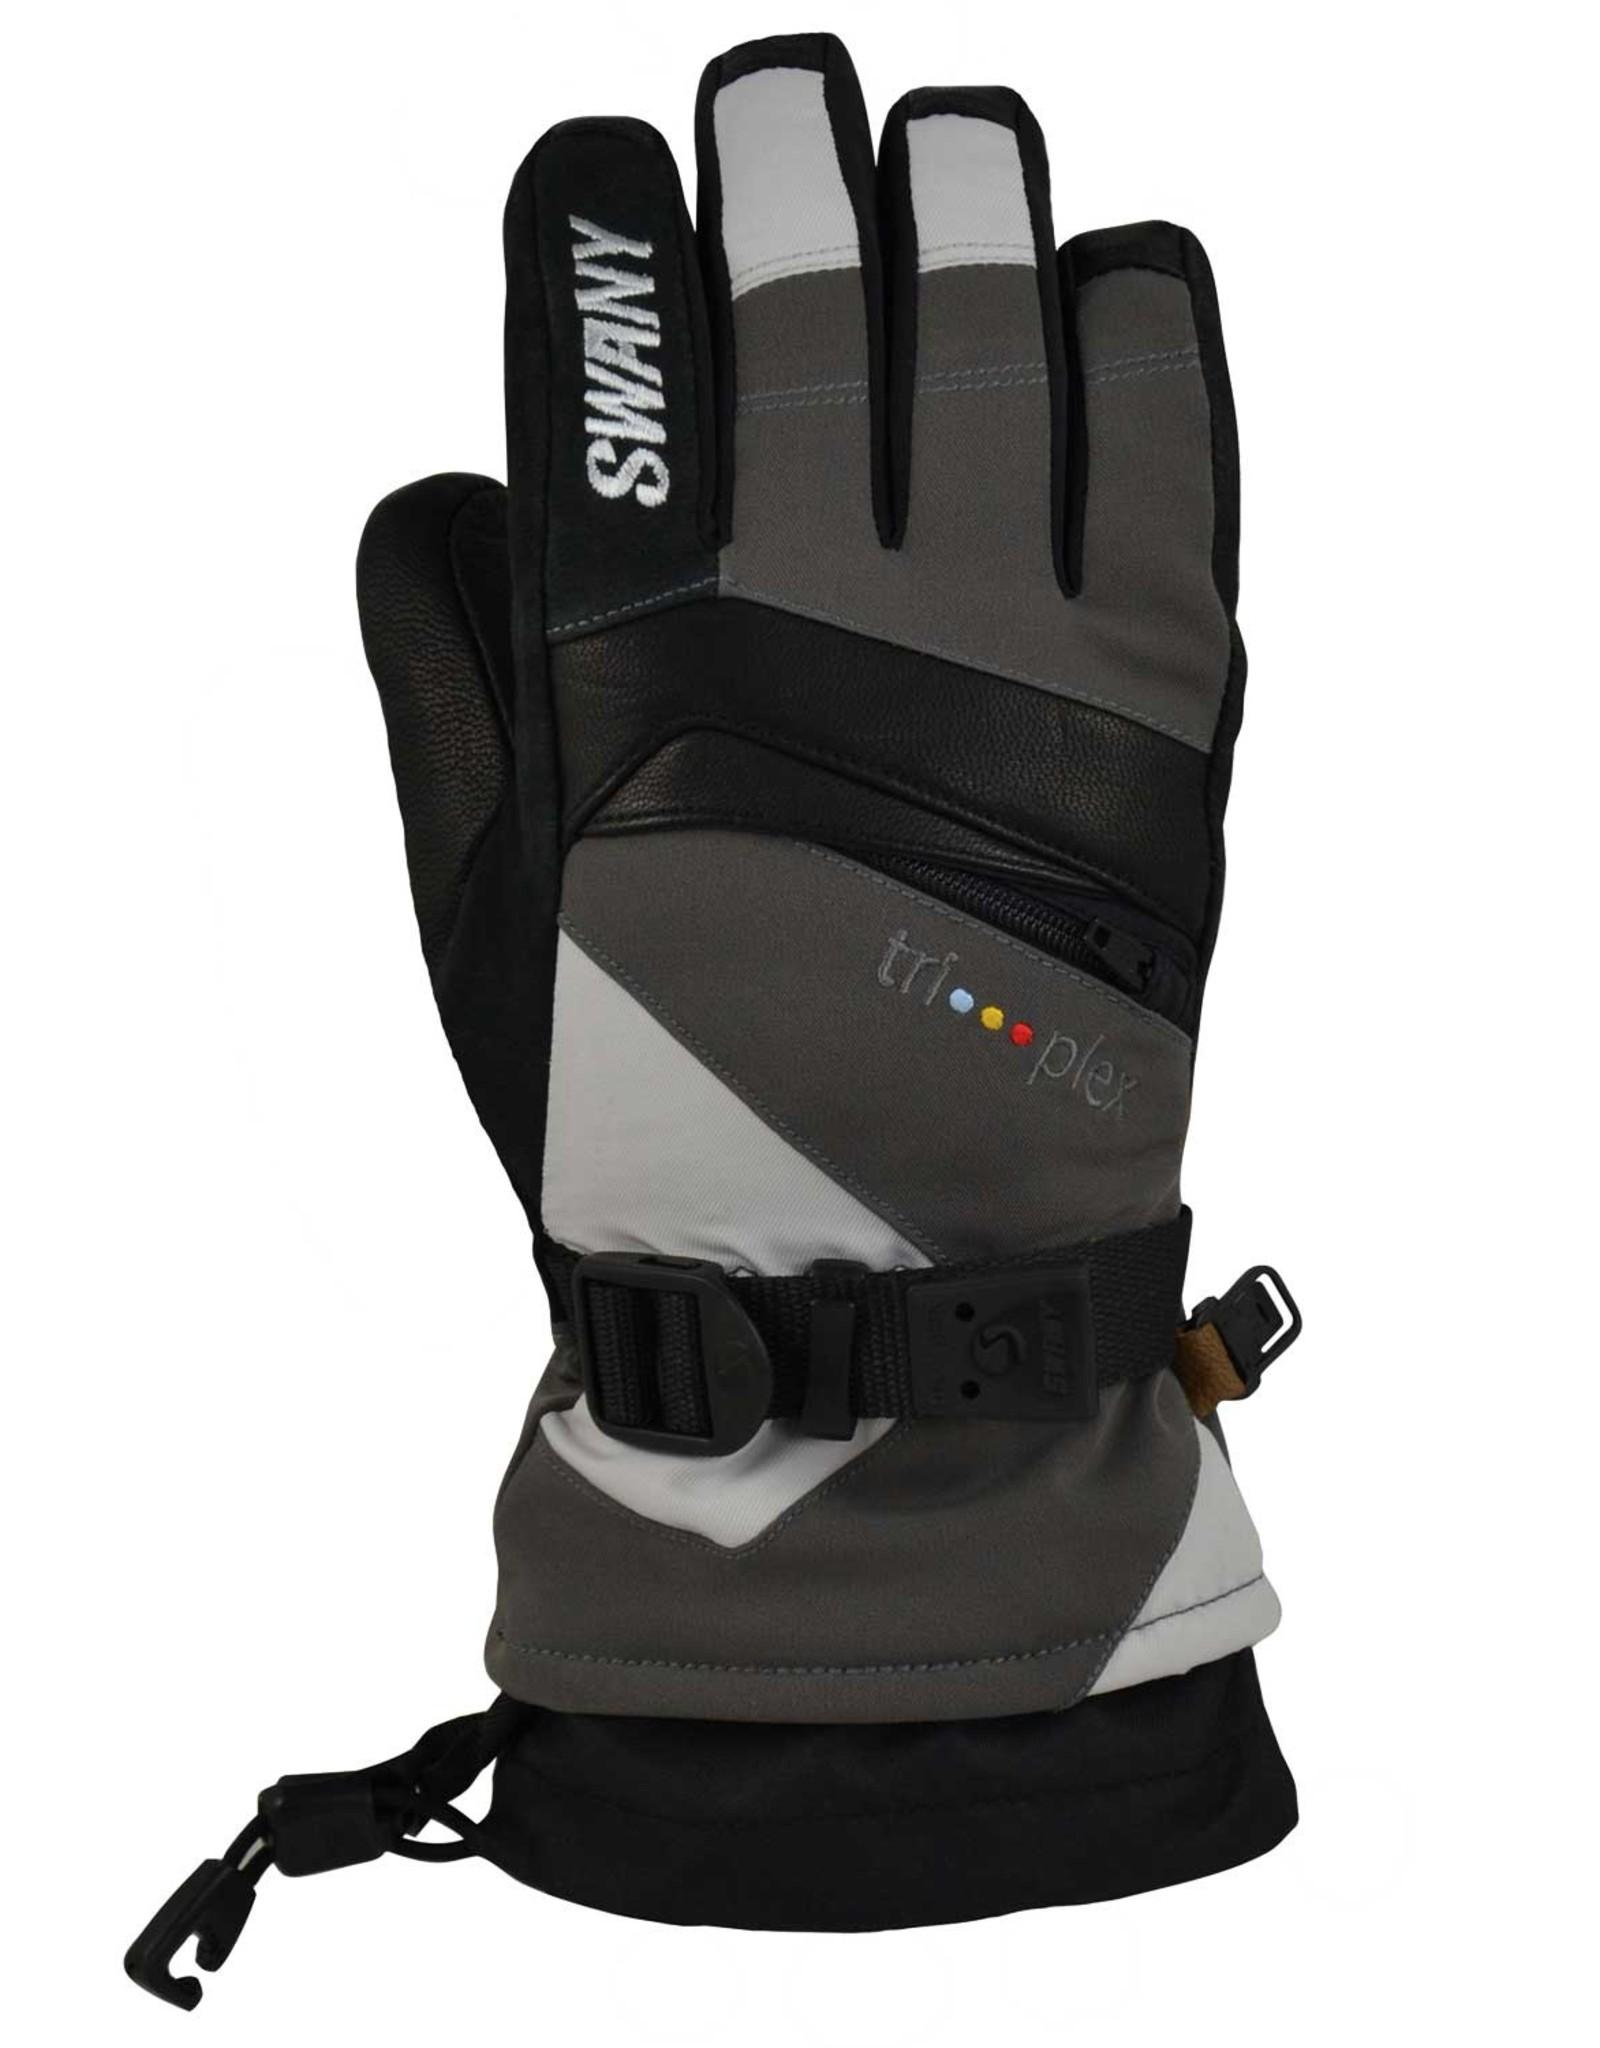 Swany X-change Jr Glove -W2022